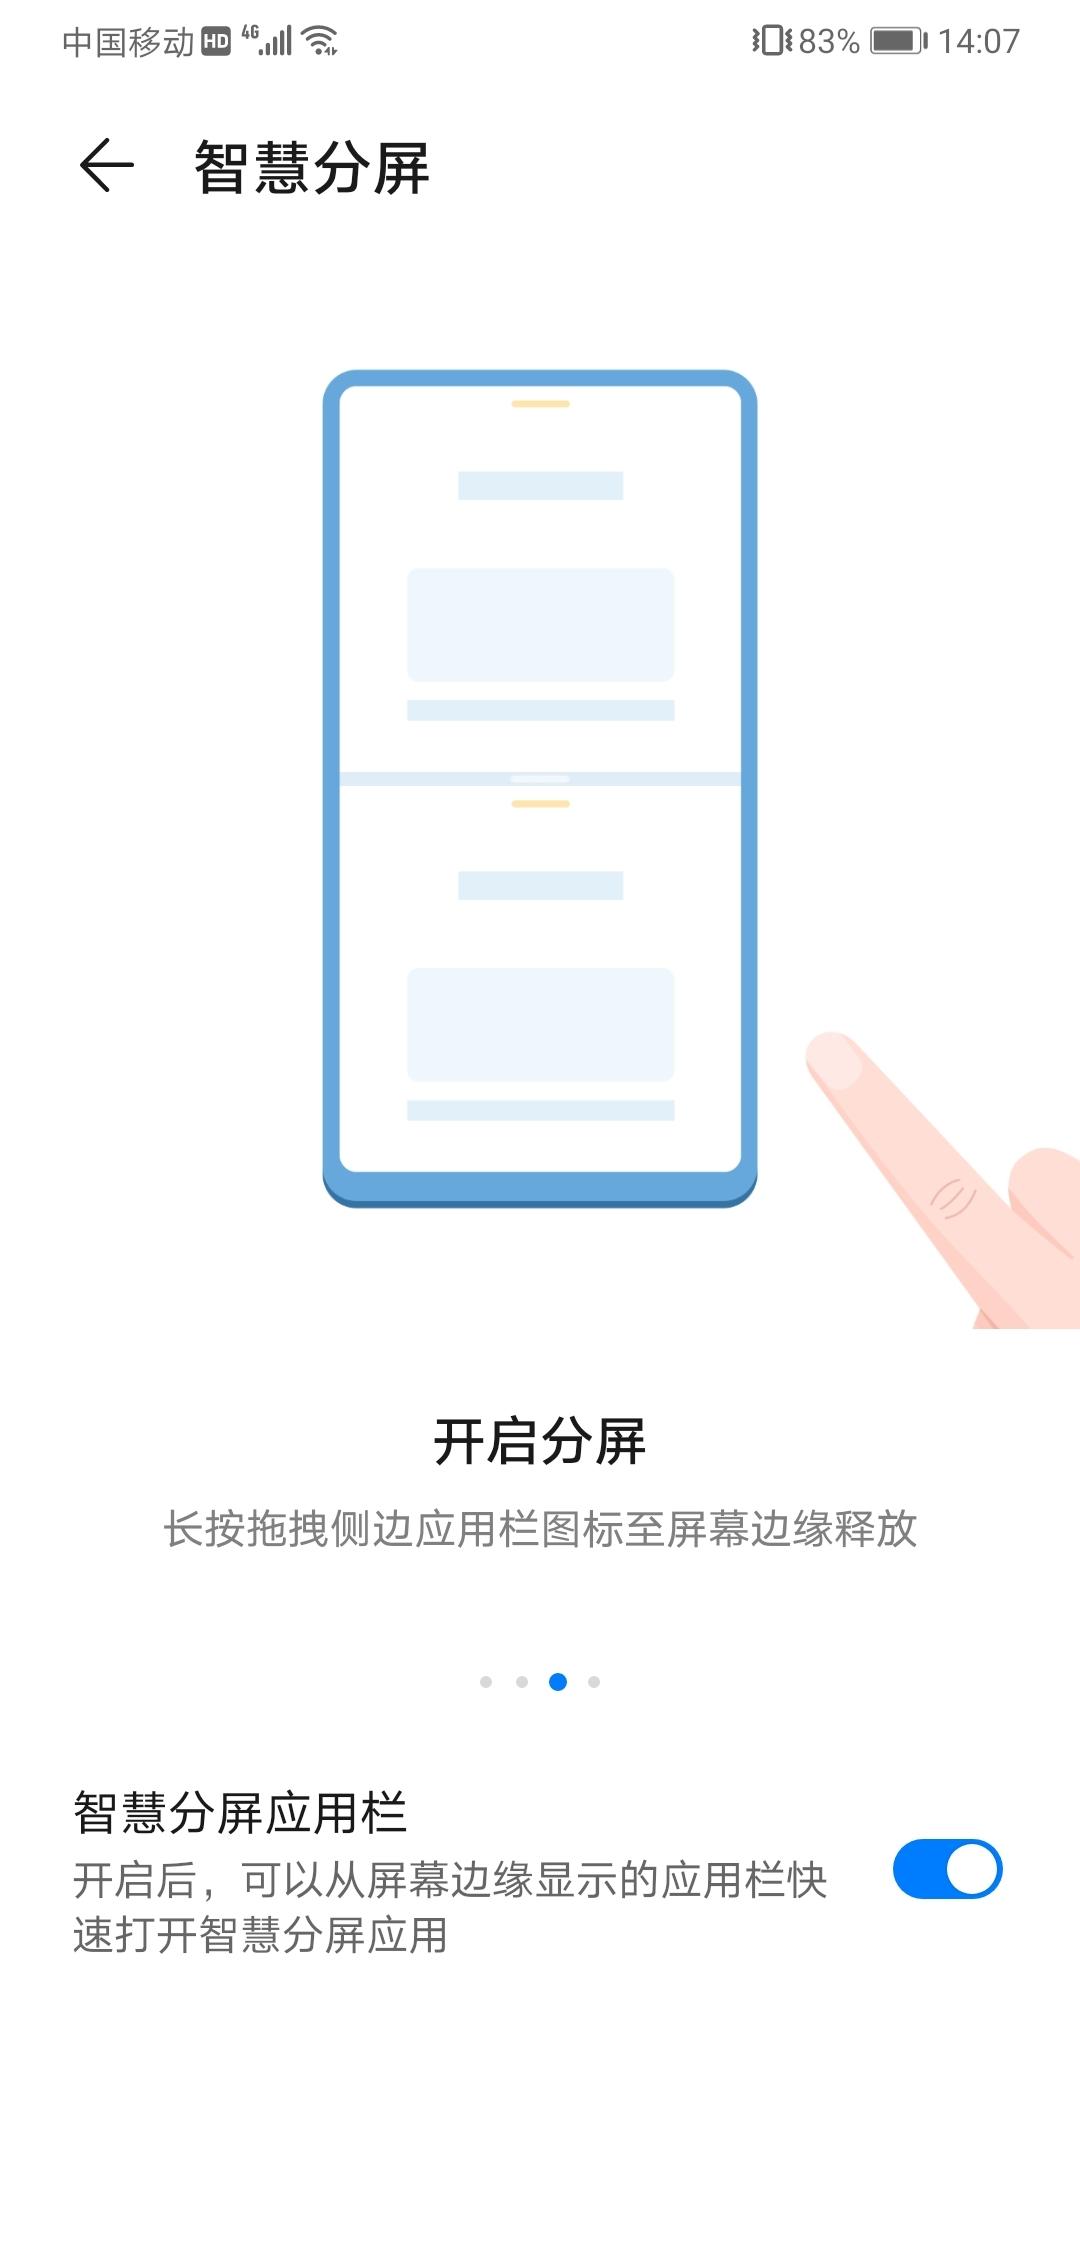 Screenshot_20200514_140735_com.huawei.hwdockbar.jpg